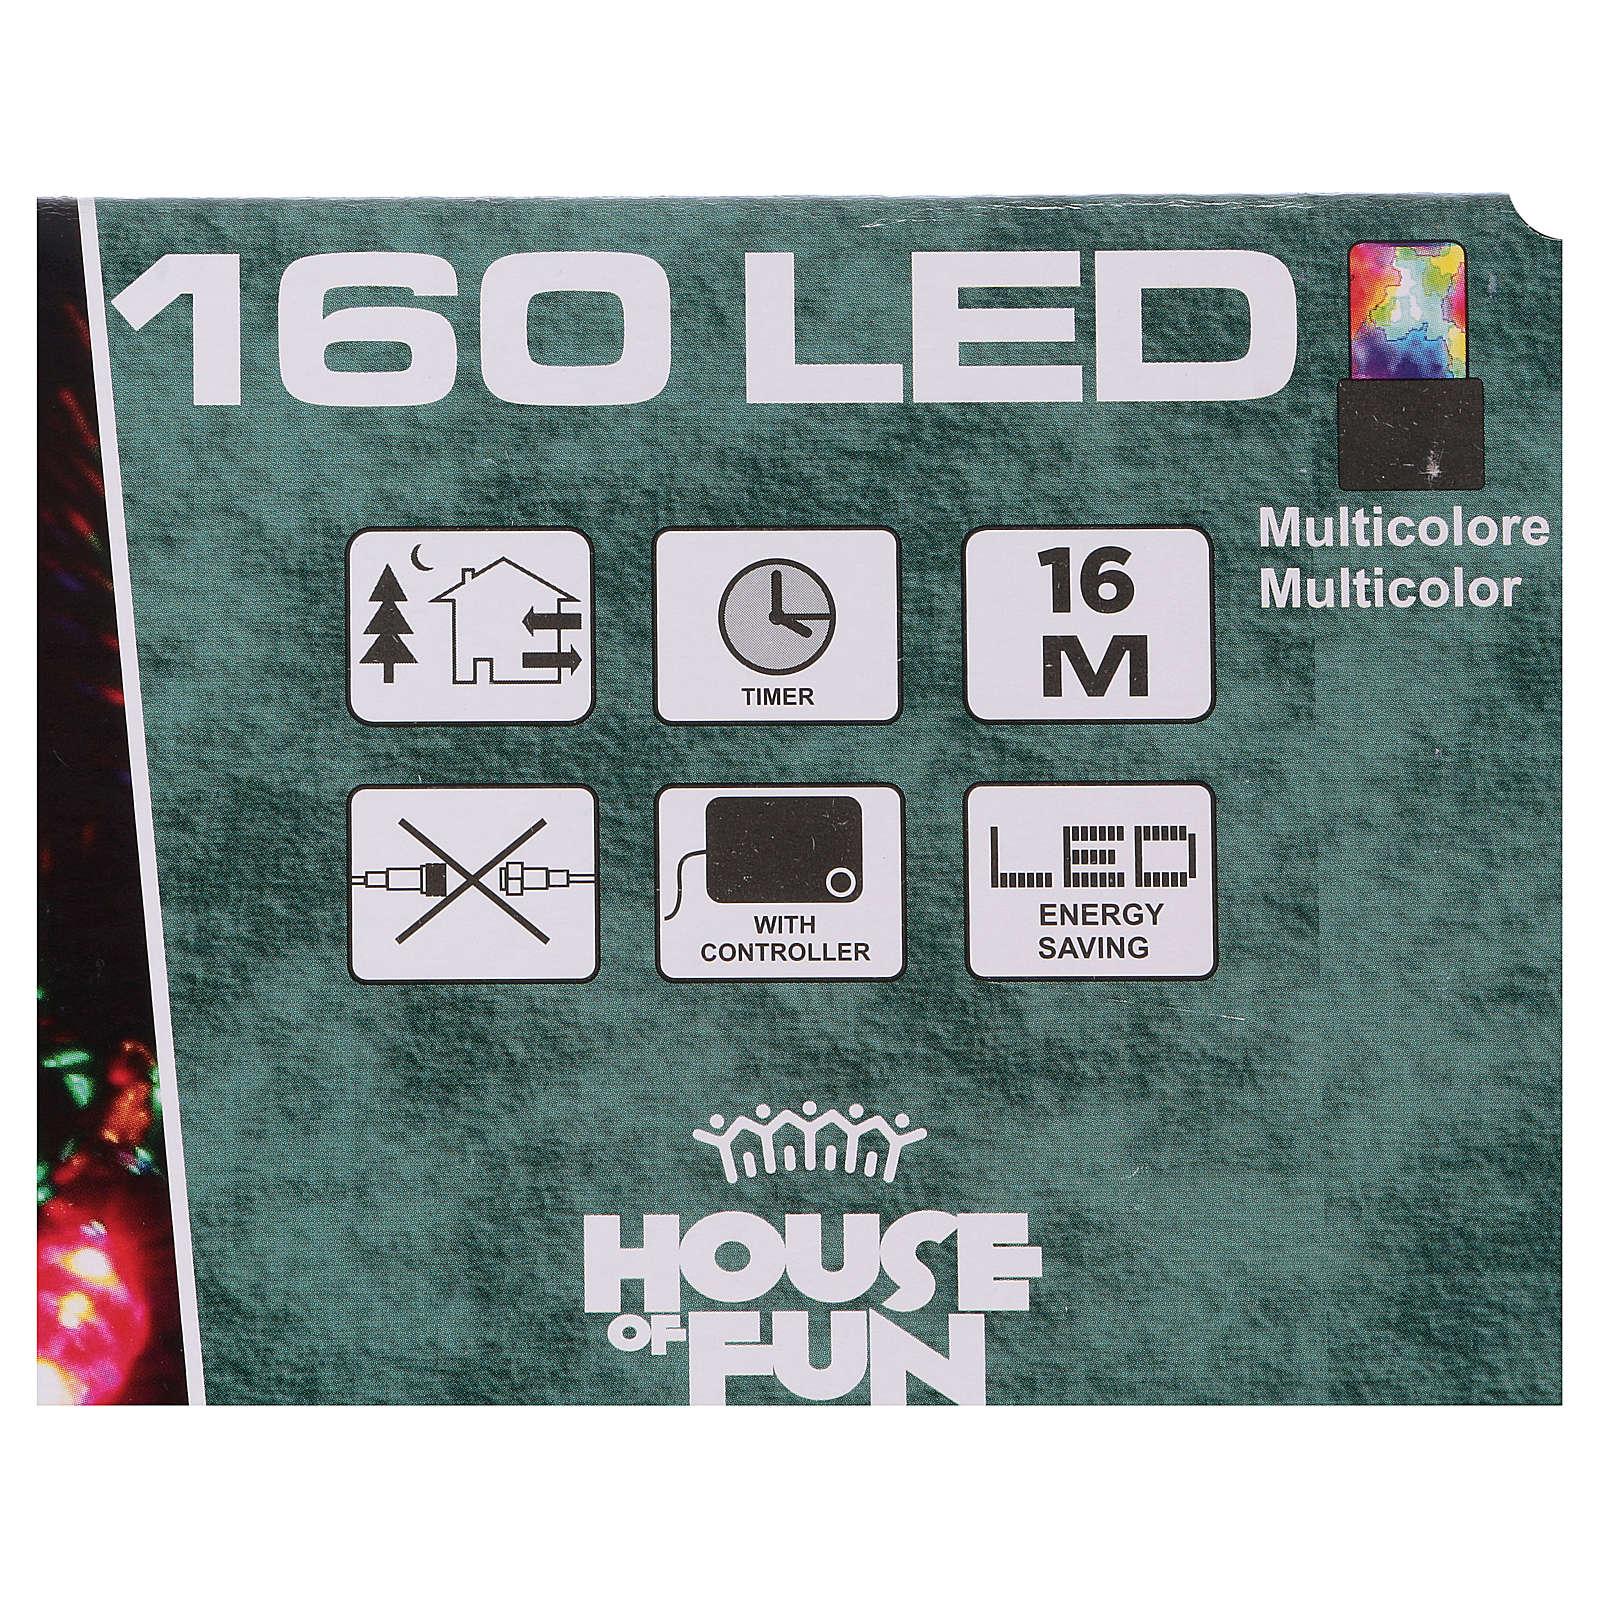 Luz de Navidad cadena 160 led multicolores exterior batería 16 m 3